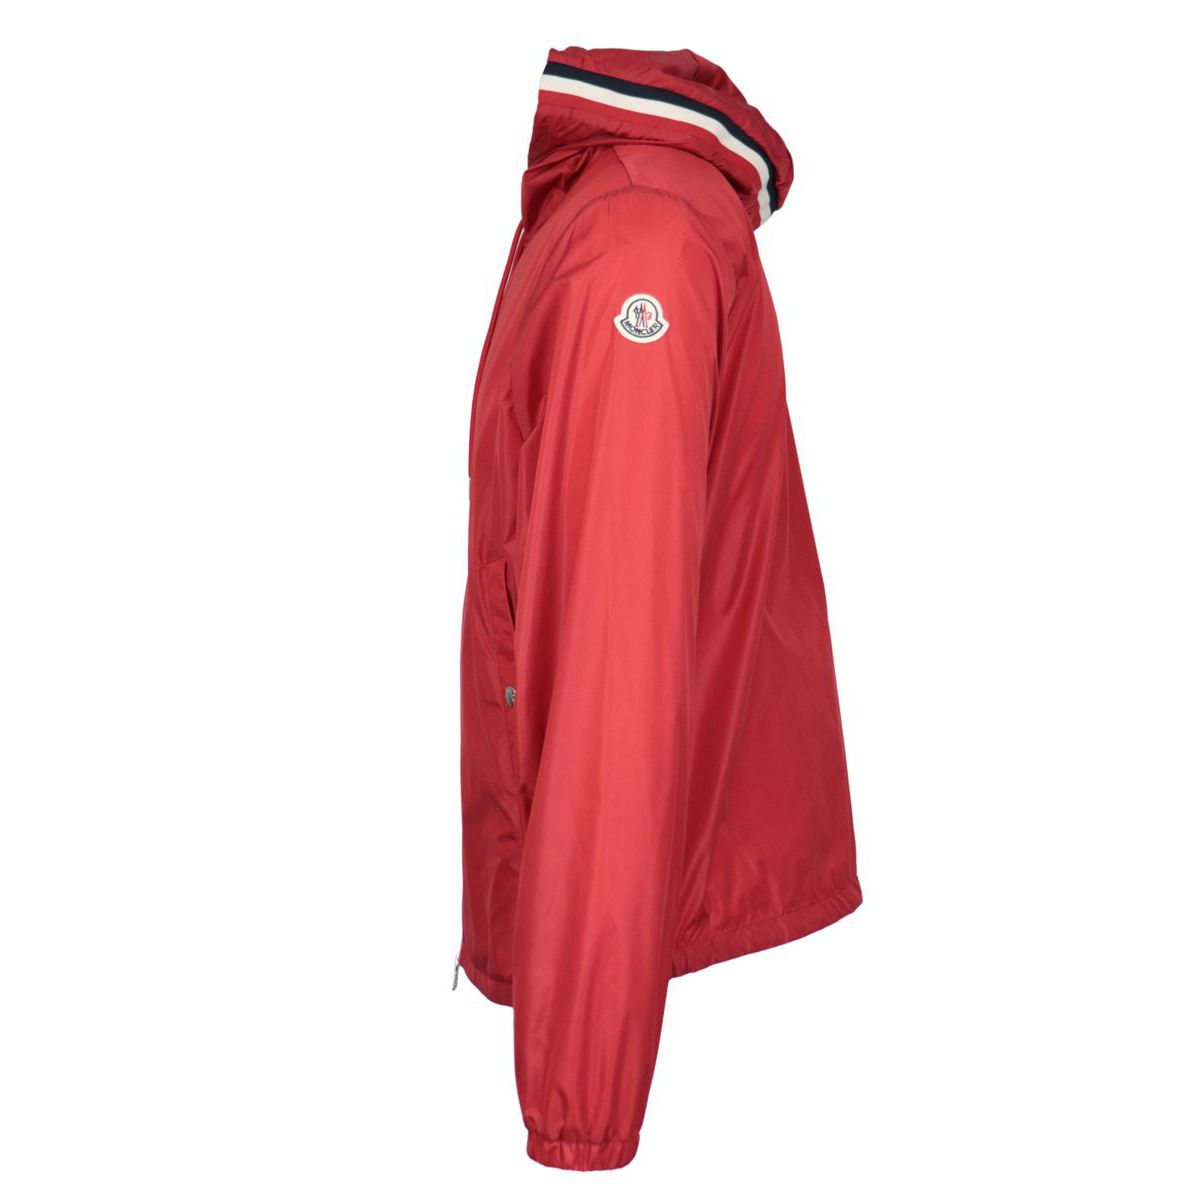 Grimpeurs Jacket Red Moncler